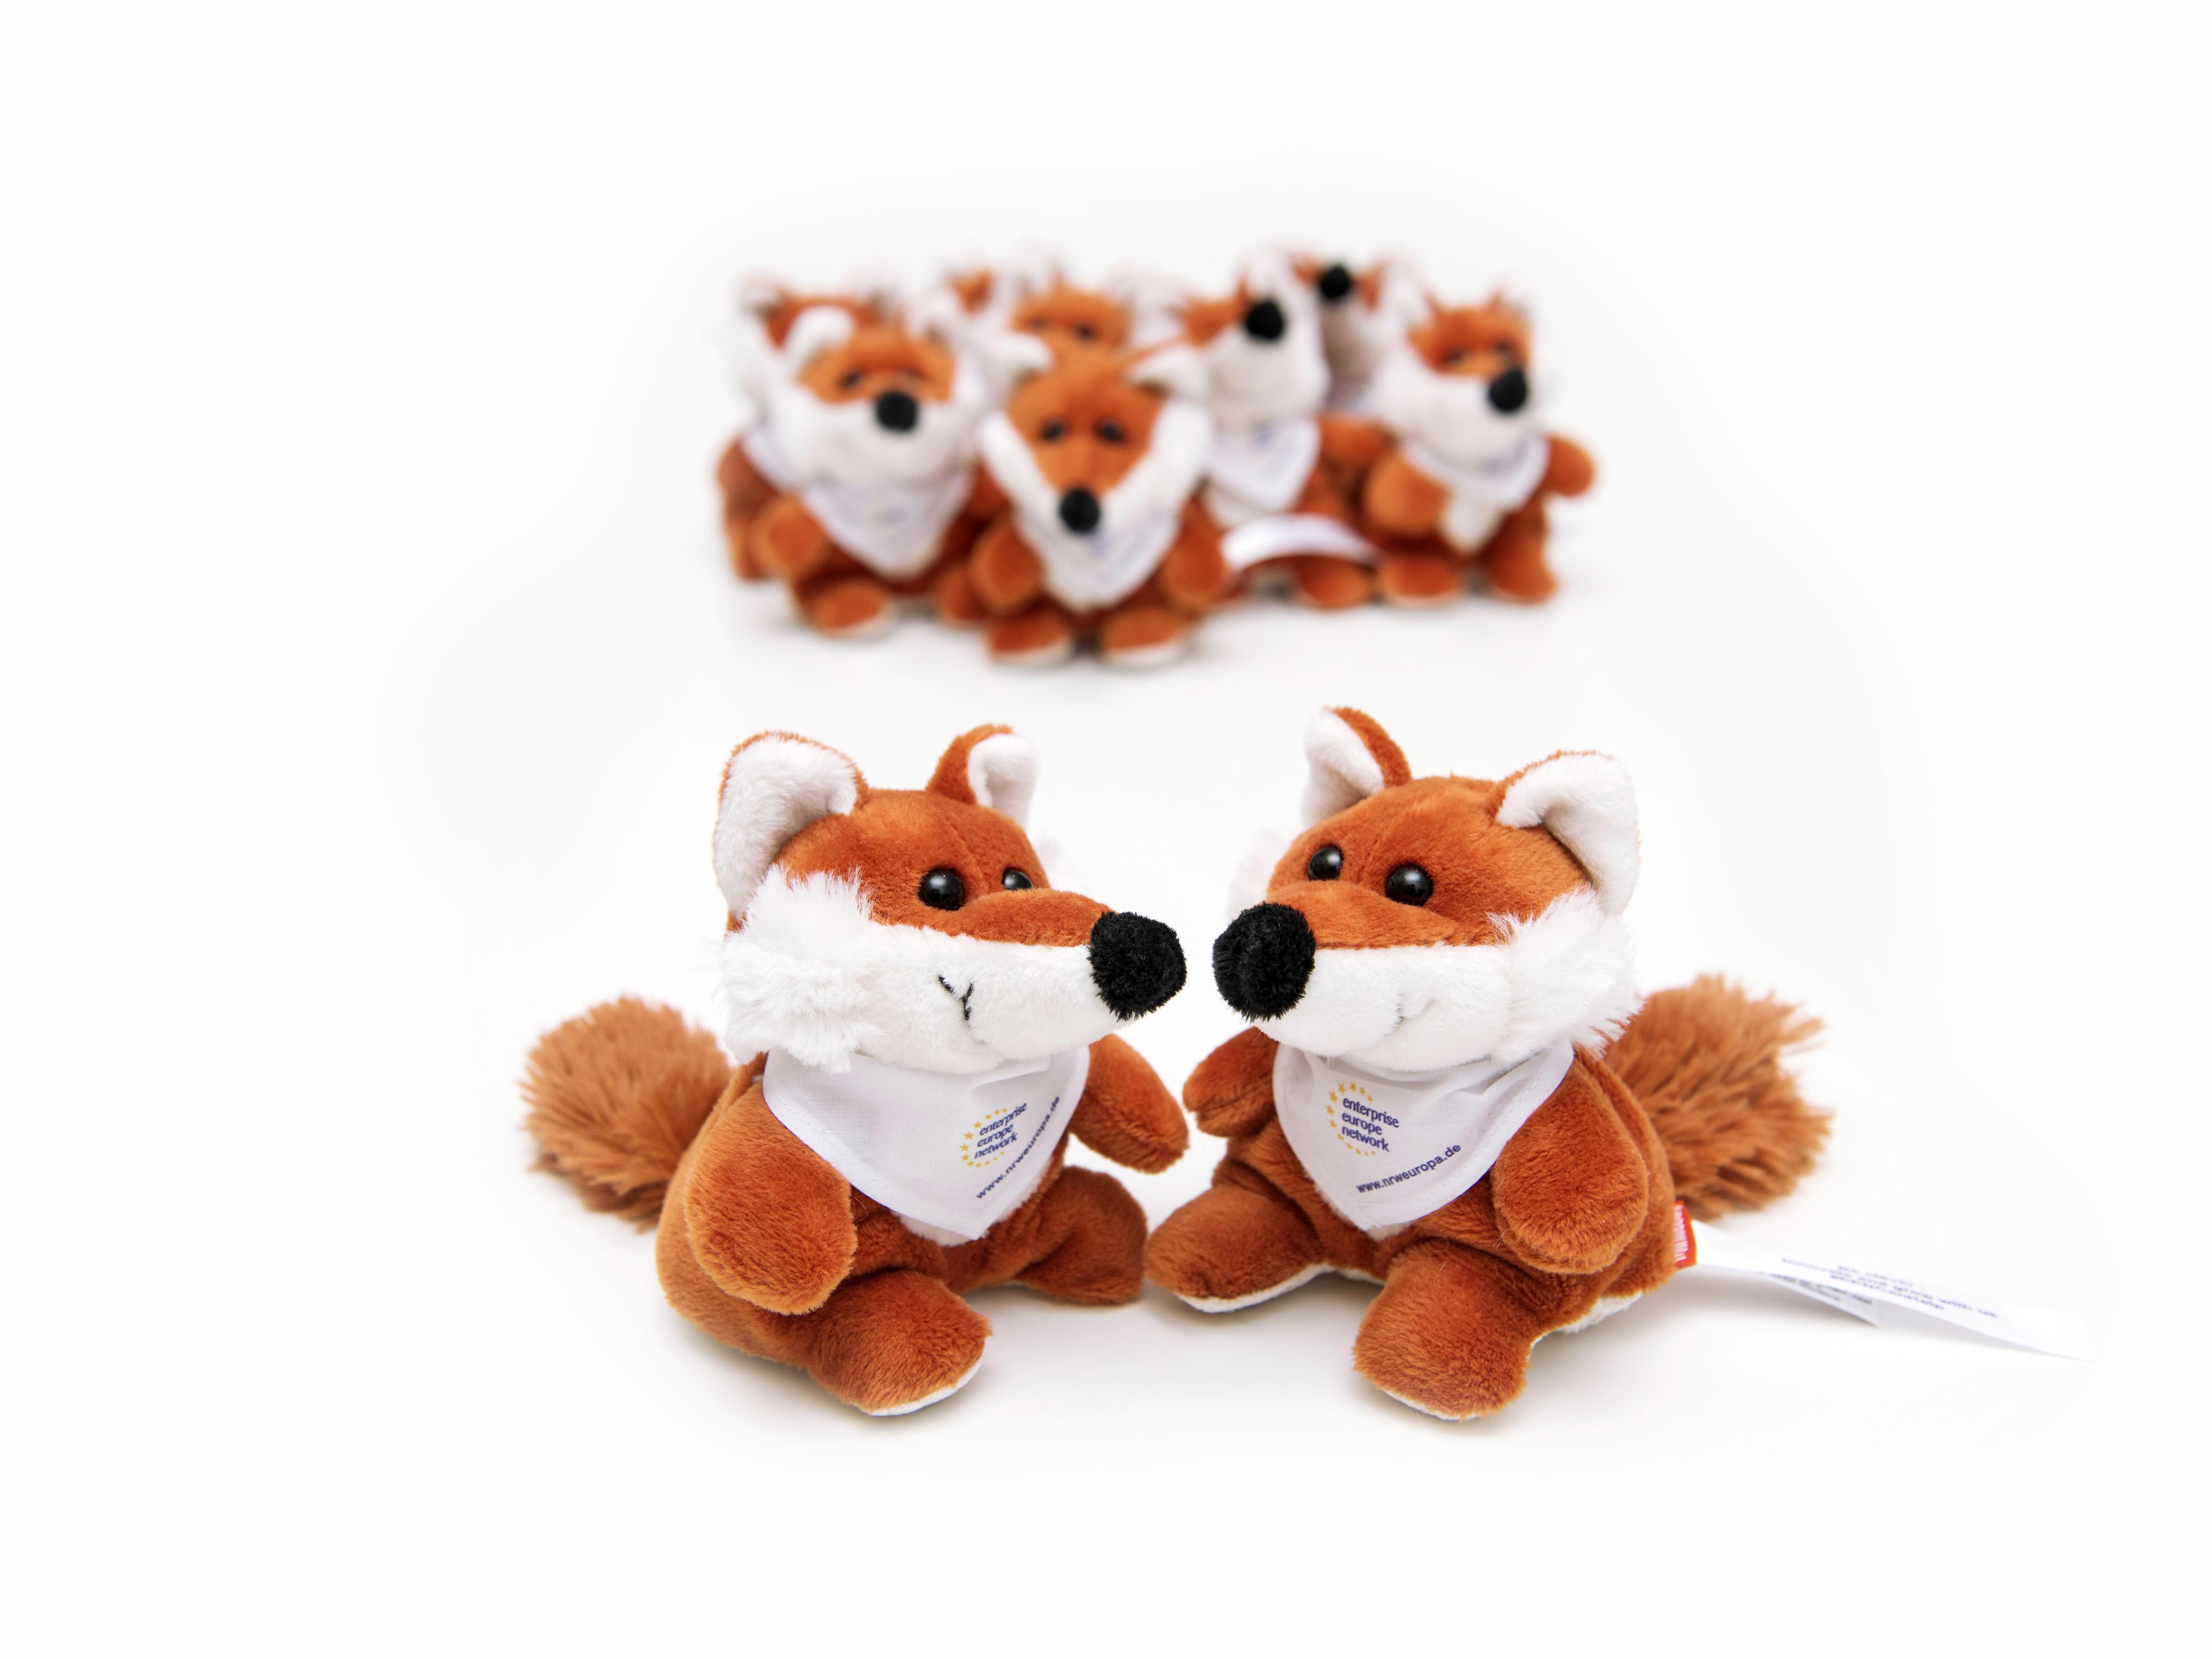 #BeACleverFox – die Geschichte, wie ein kleiner Stoff-Fuchs zum Mittelpunkt einer Social-Media-Kampagne wurde.